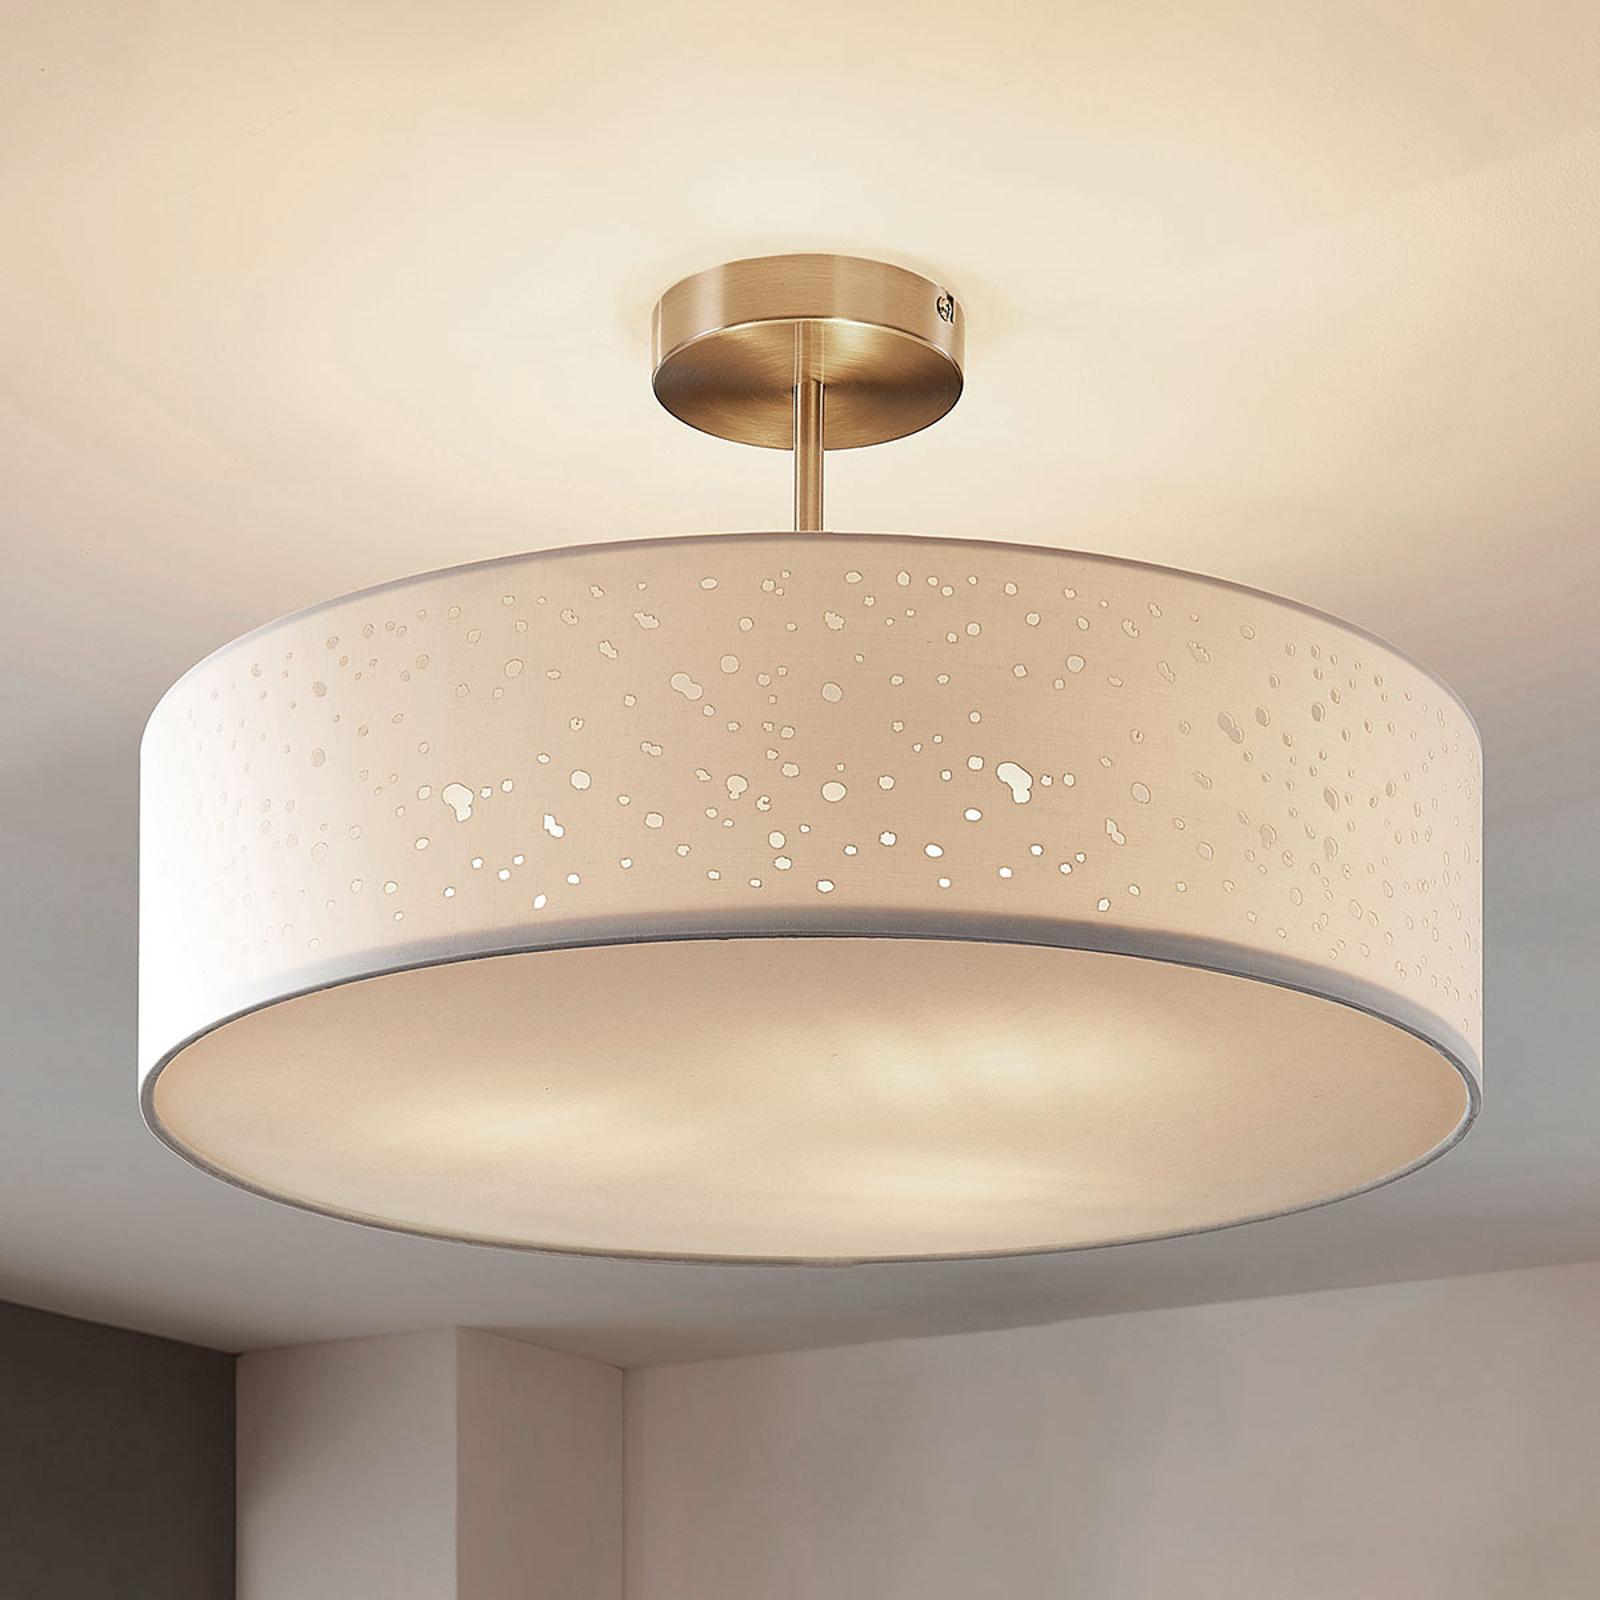 Lampa sufitowa Umma z dystansem, biała